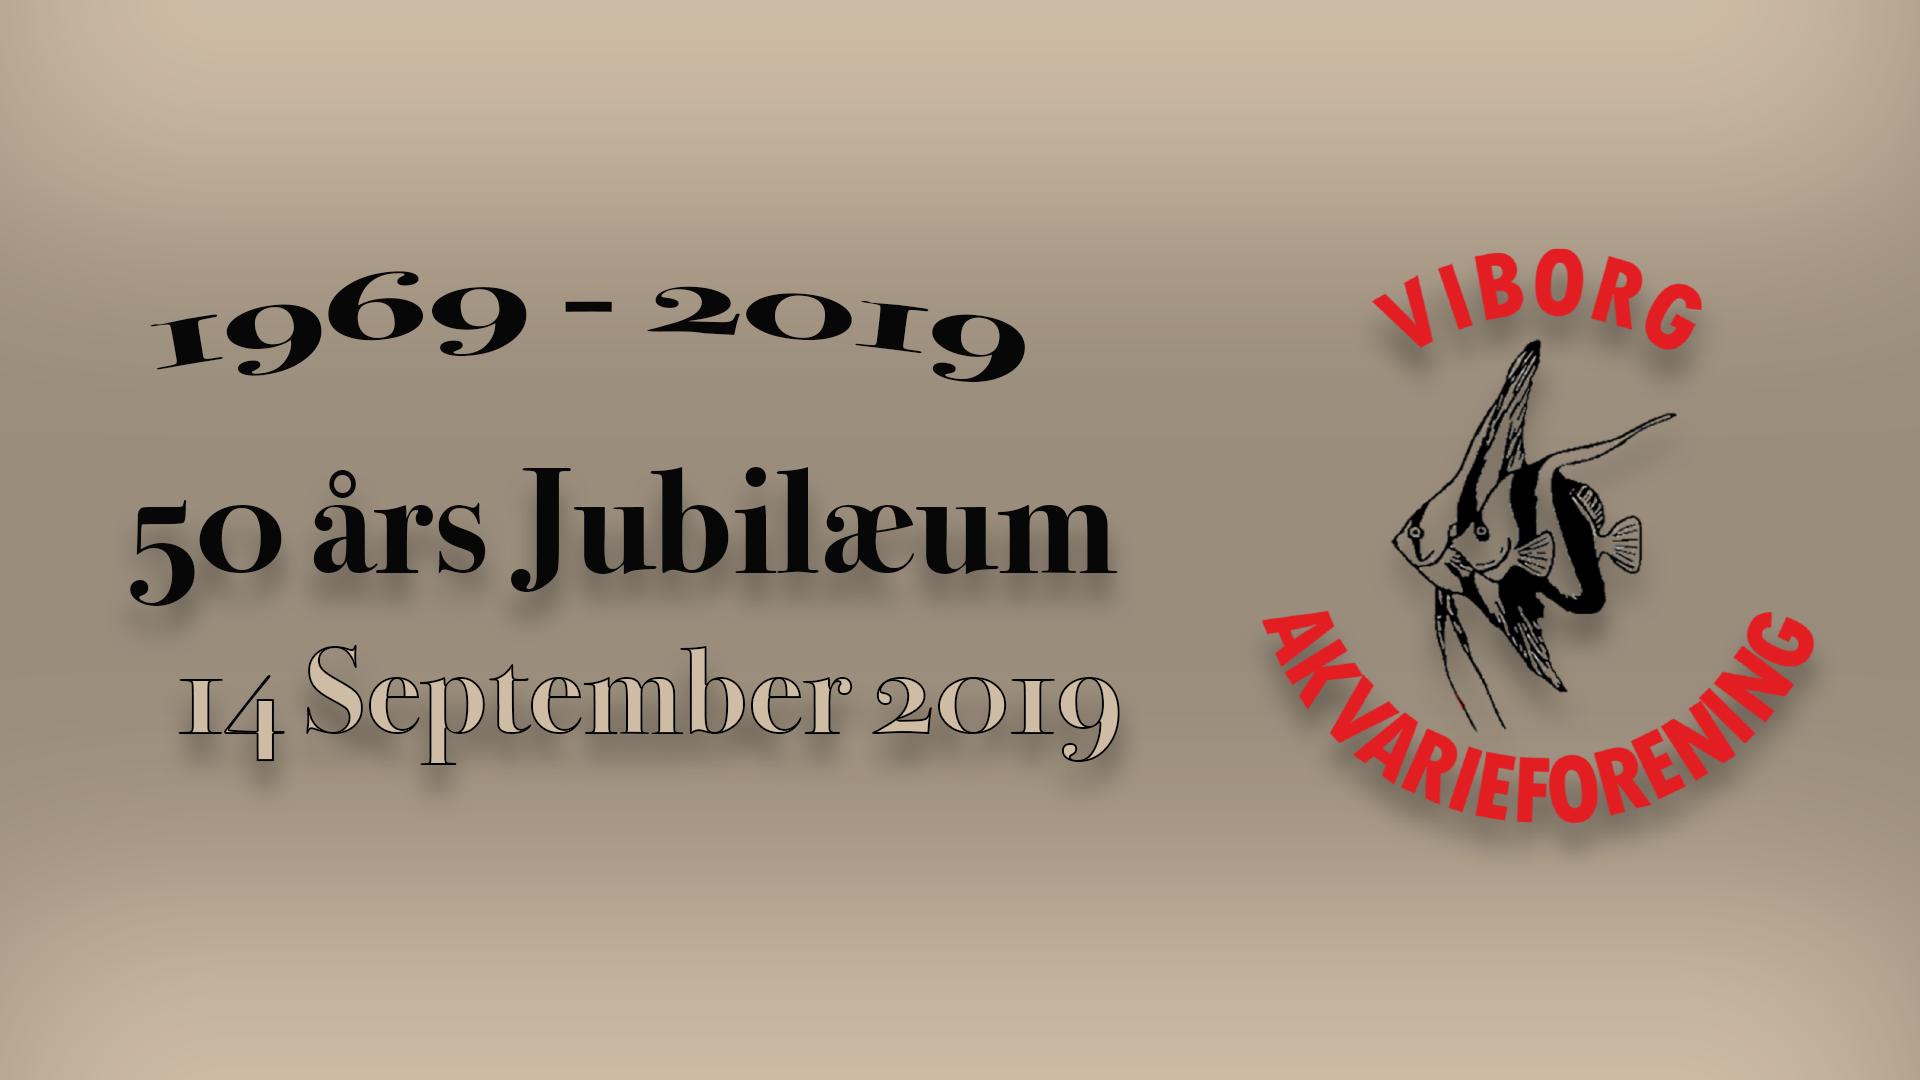 Viborg Akvarieforenings 50 års jubilæum